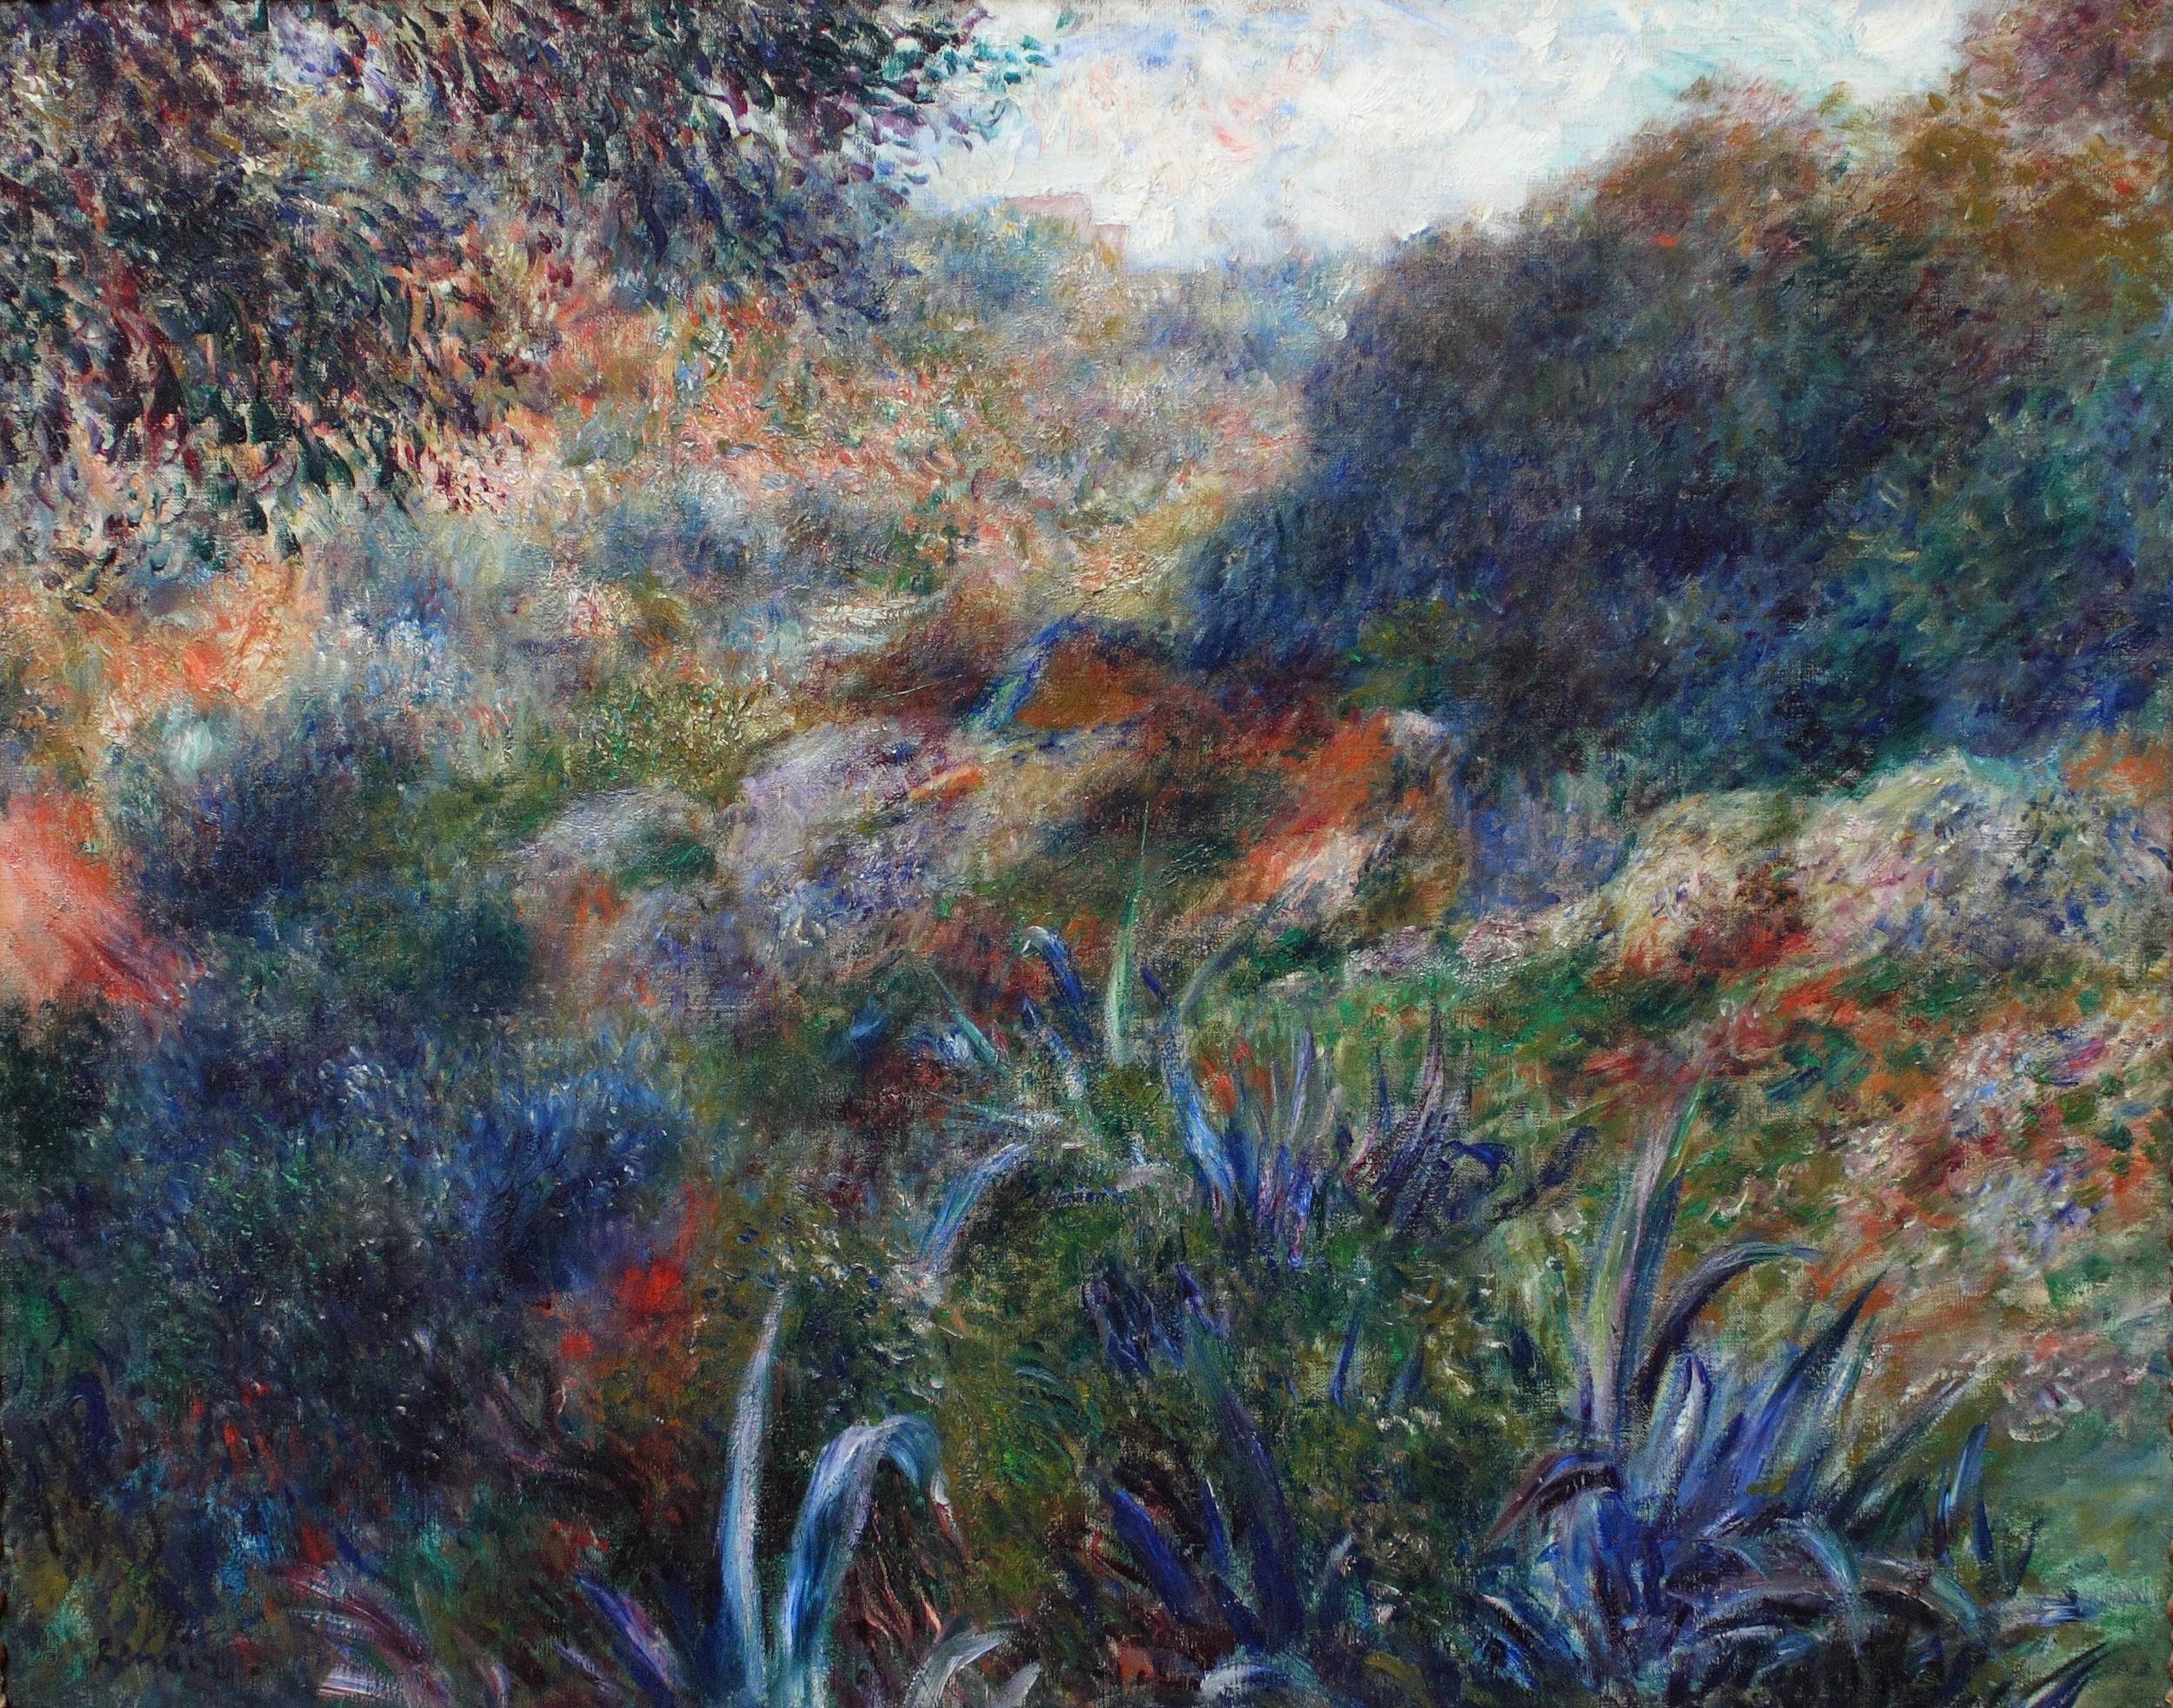 Художник Ренуар Renoir картина Алжирский пейзаж Овраг дикарки пейзажи природы Альберт Сафиуллин